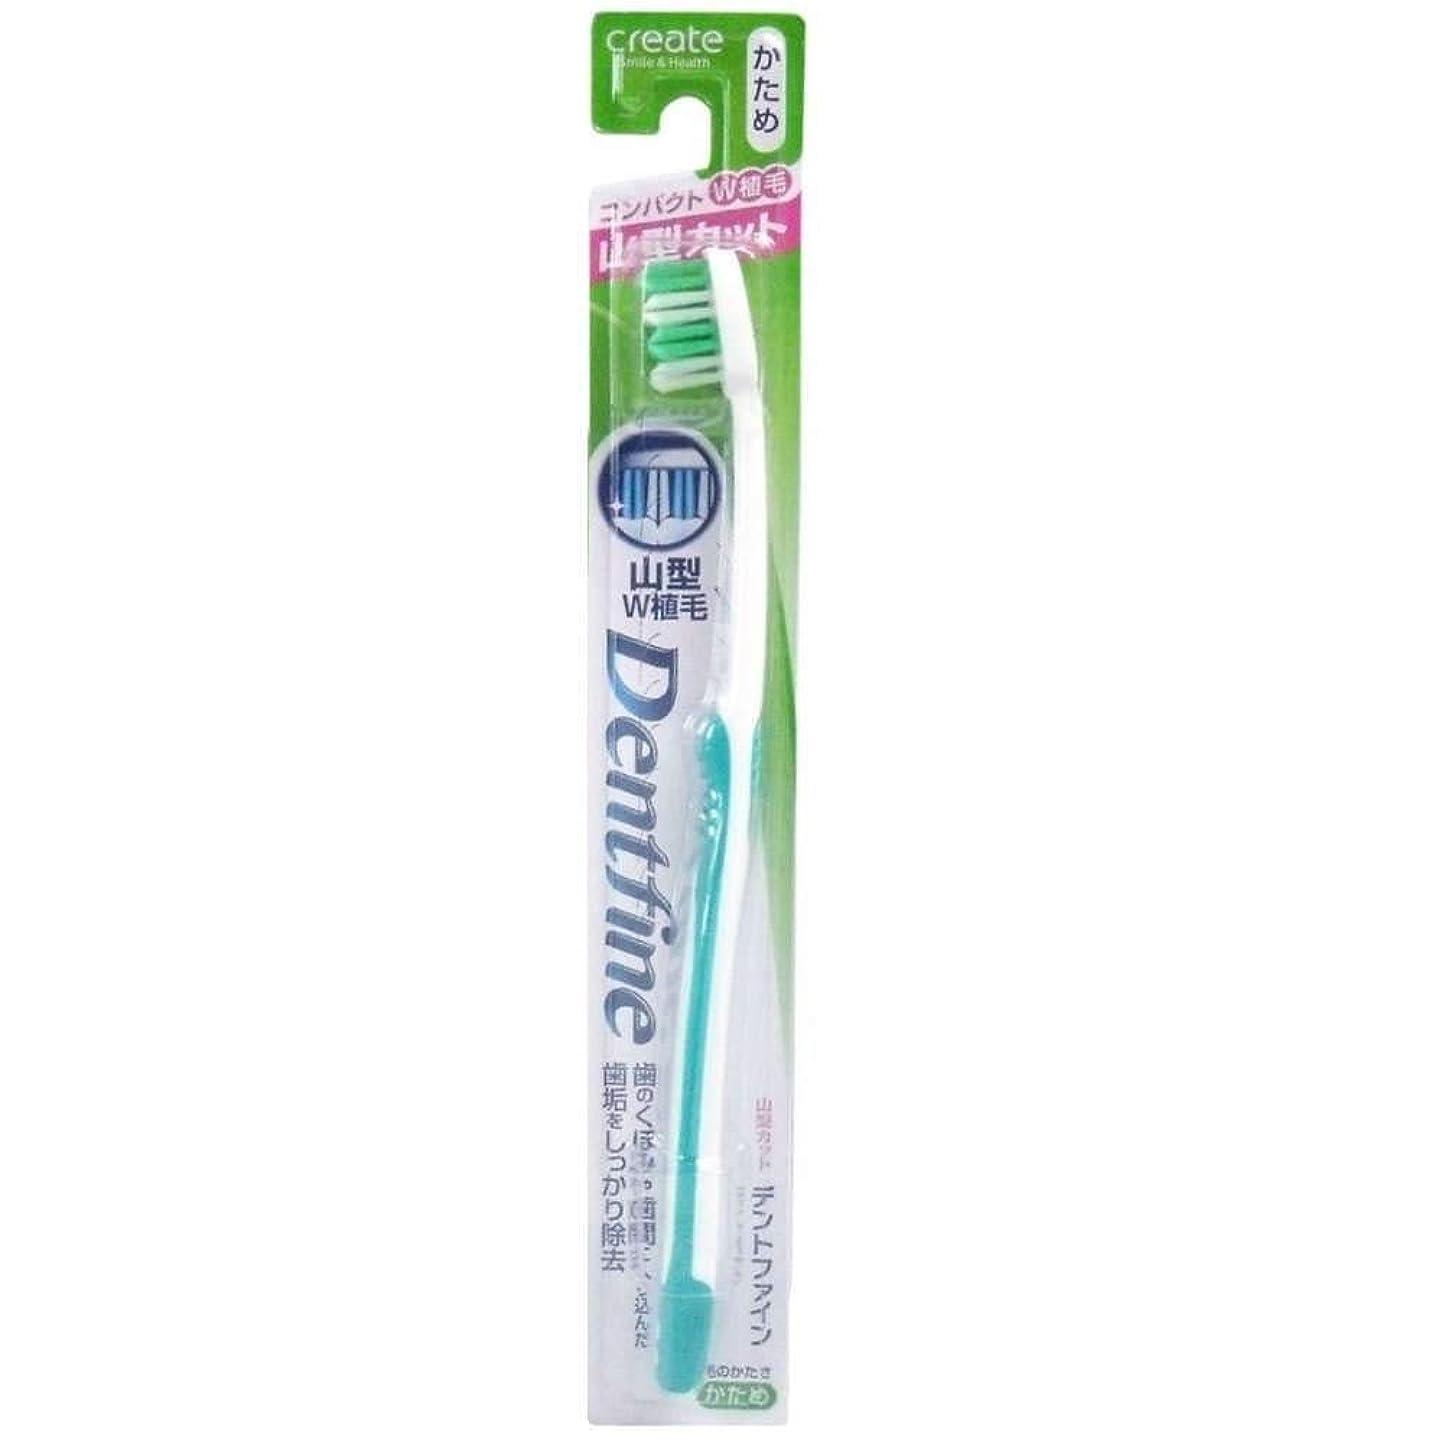 ラジエーター配管工臨検デントファイン ラバーグリップ 山切りカット 歯ブラシ かため 1本:グリーン